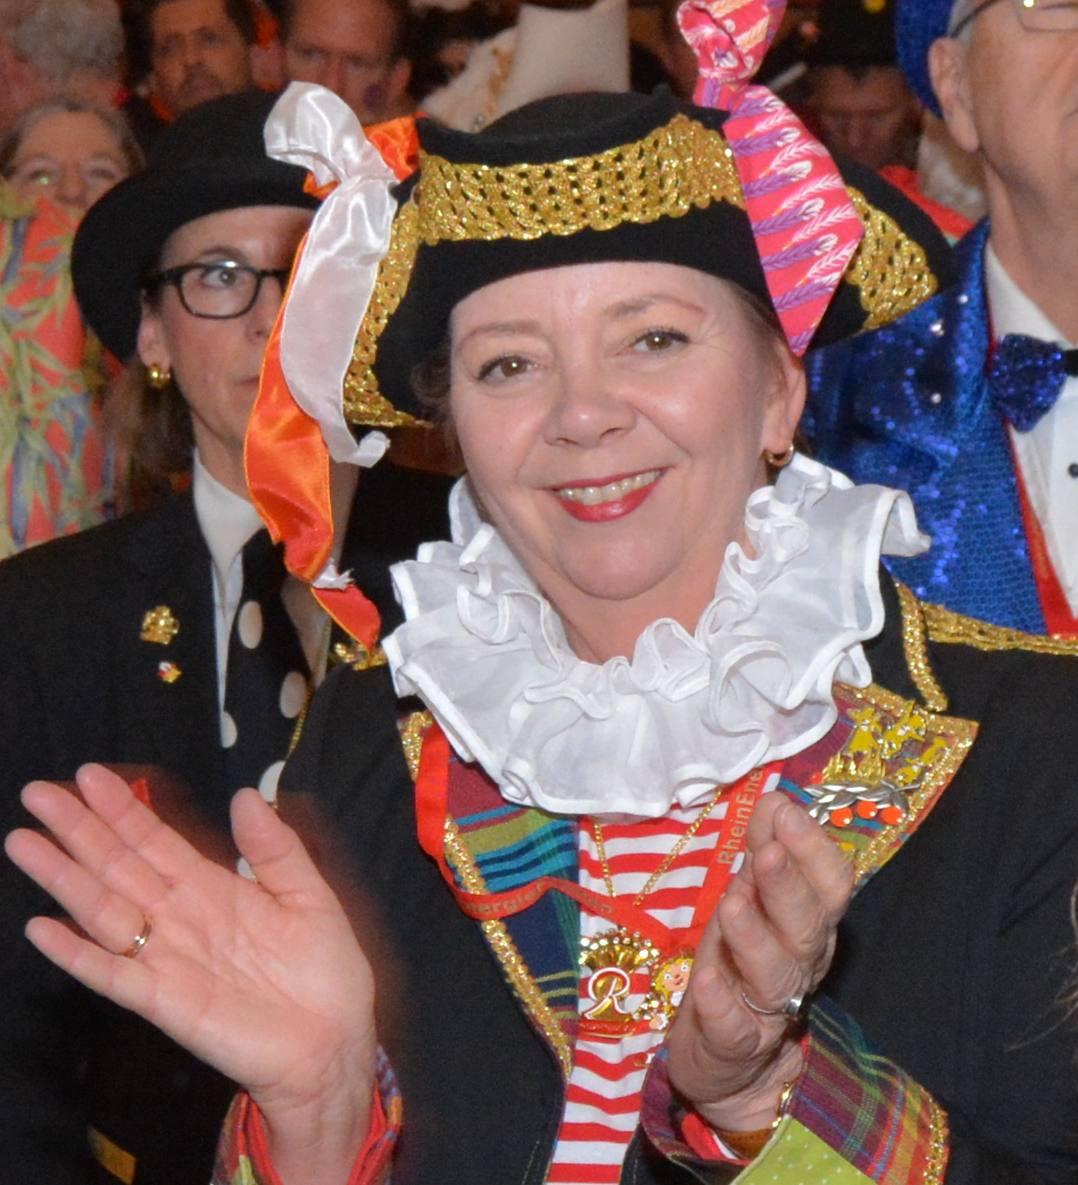 Siggi_Krebs klatscht mit auf der Karnevalssitzung